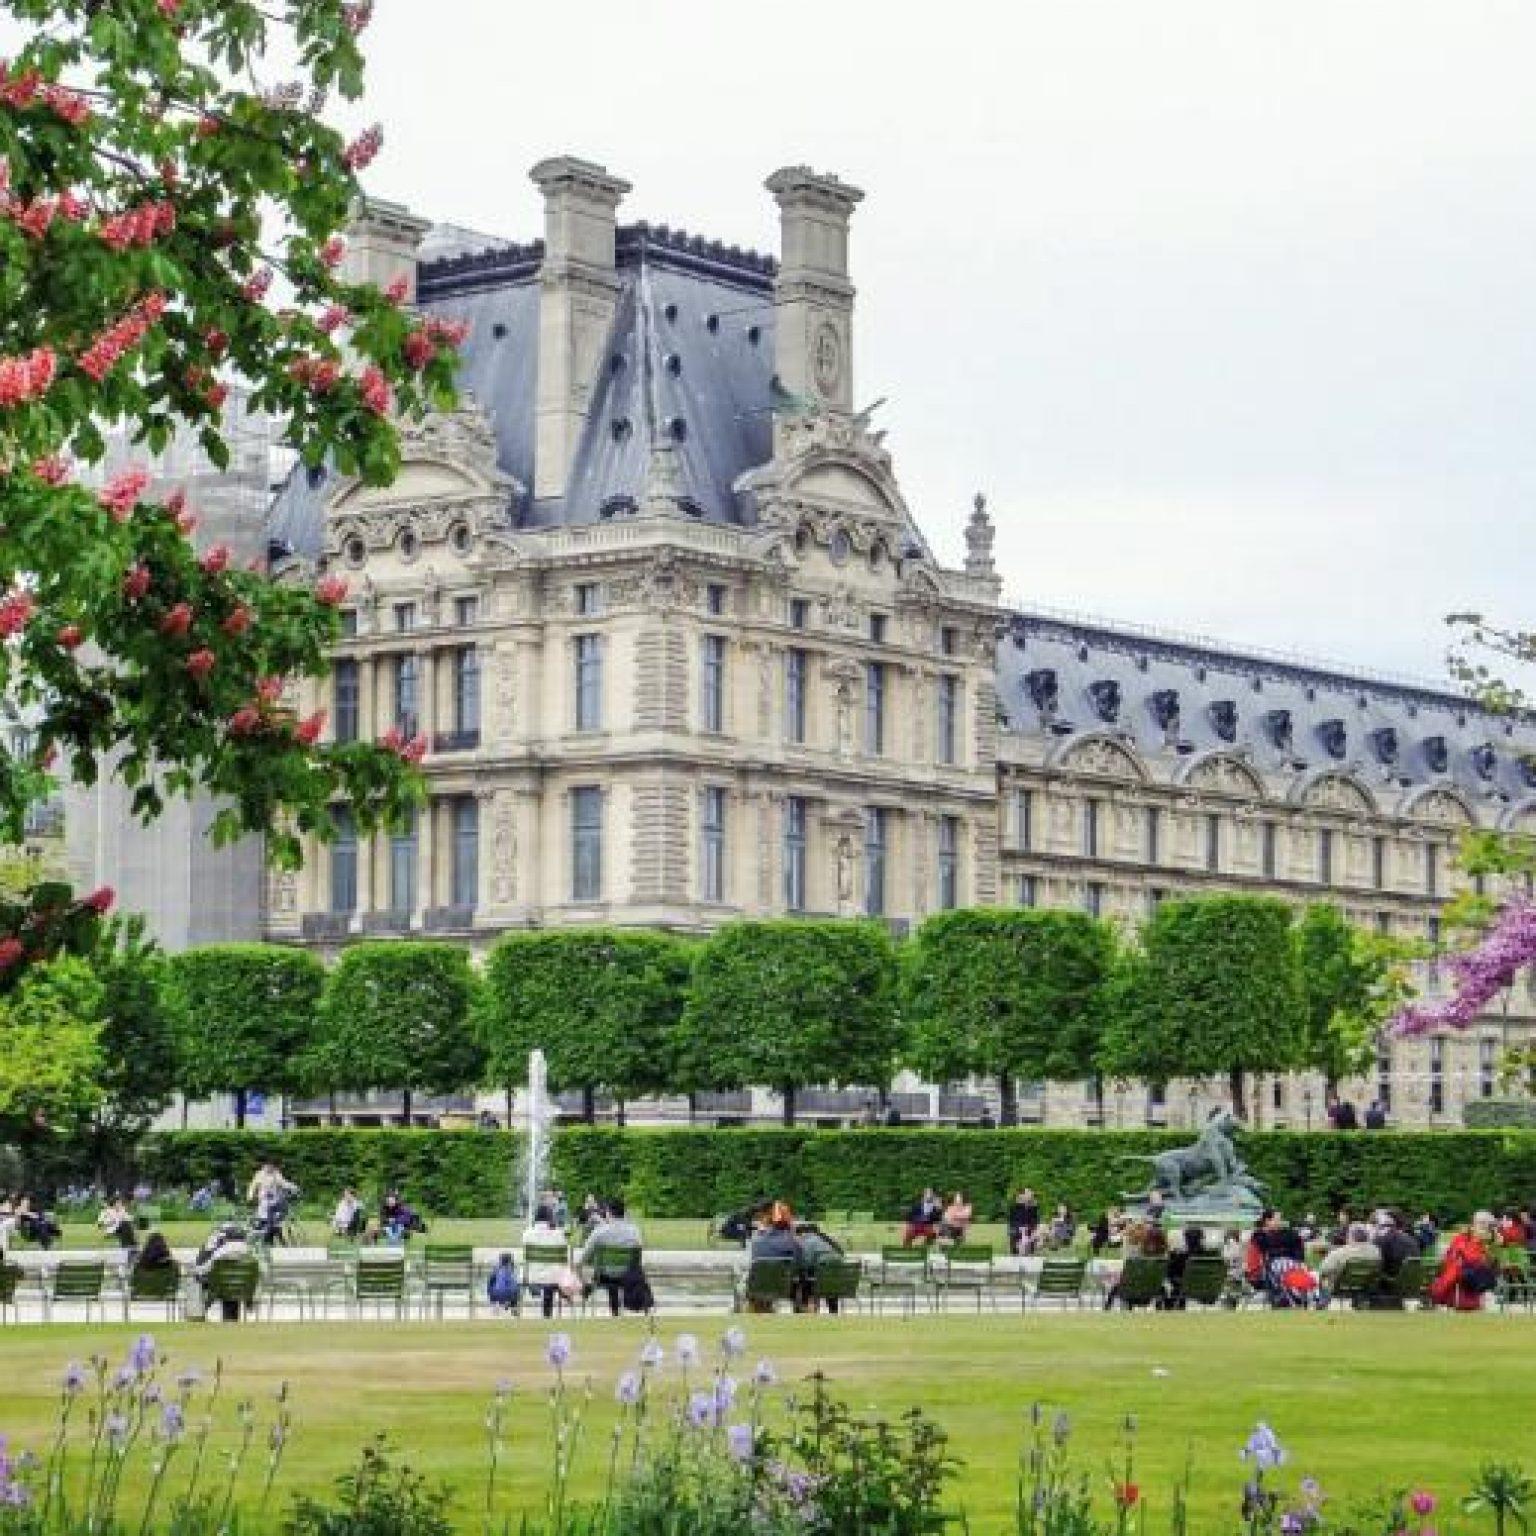 Достопримечательности Парижа: Сад Тюильри